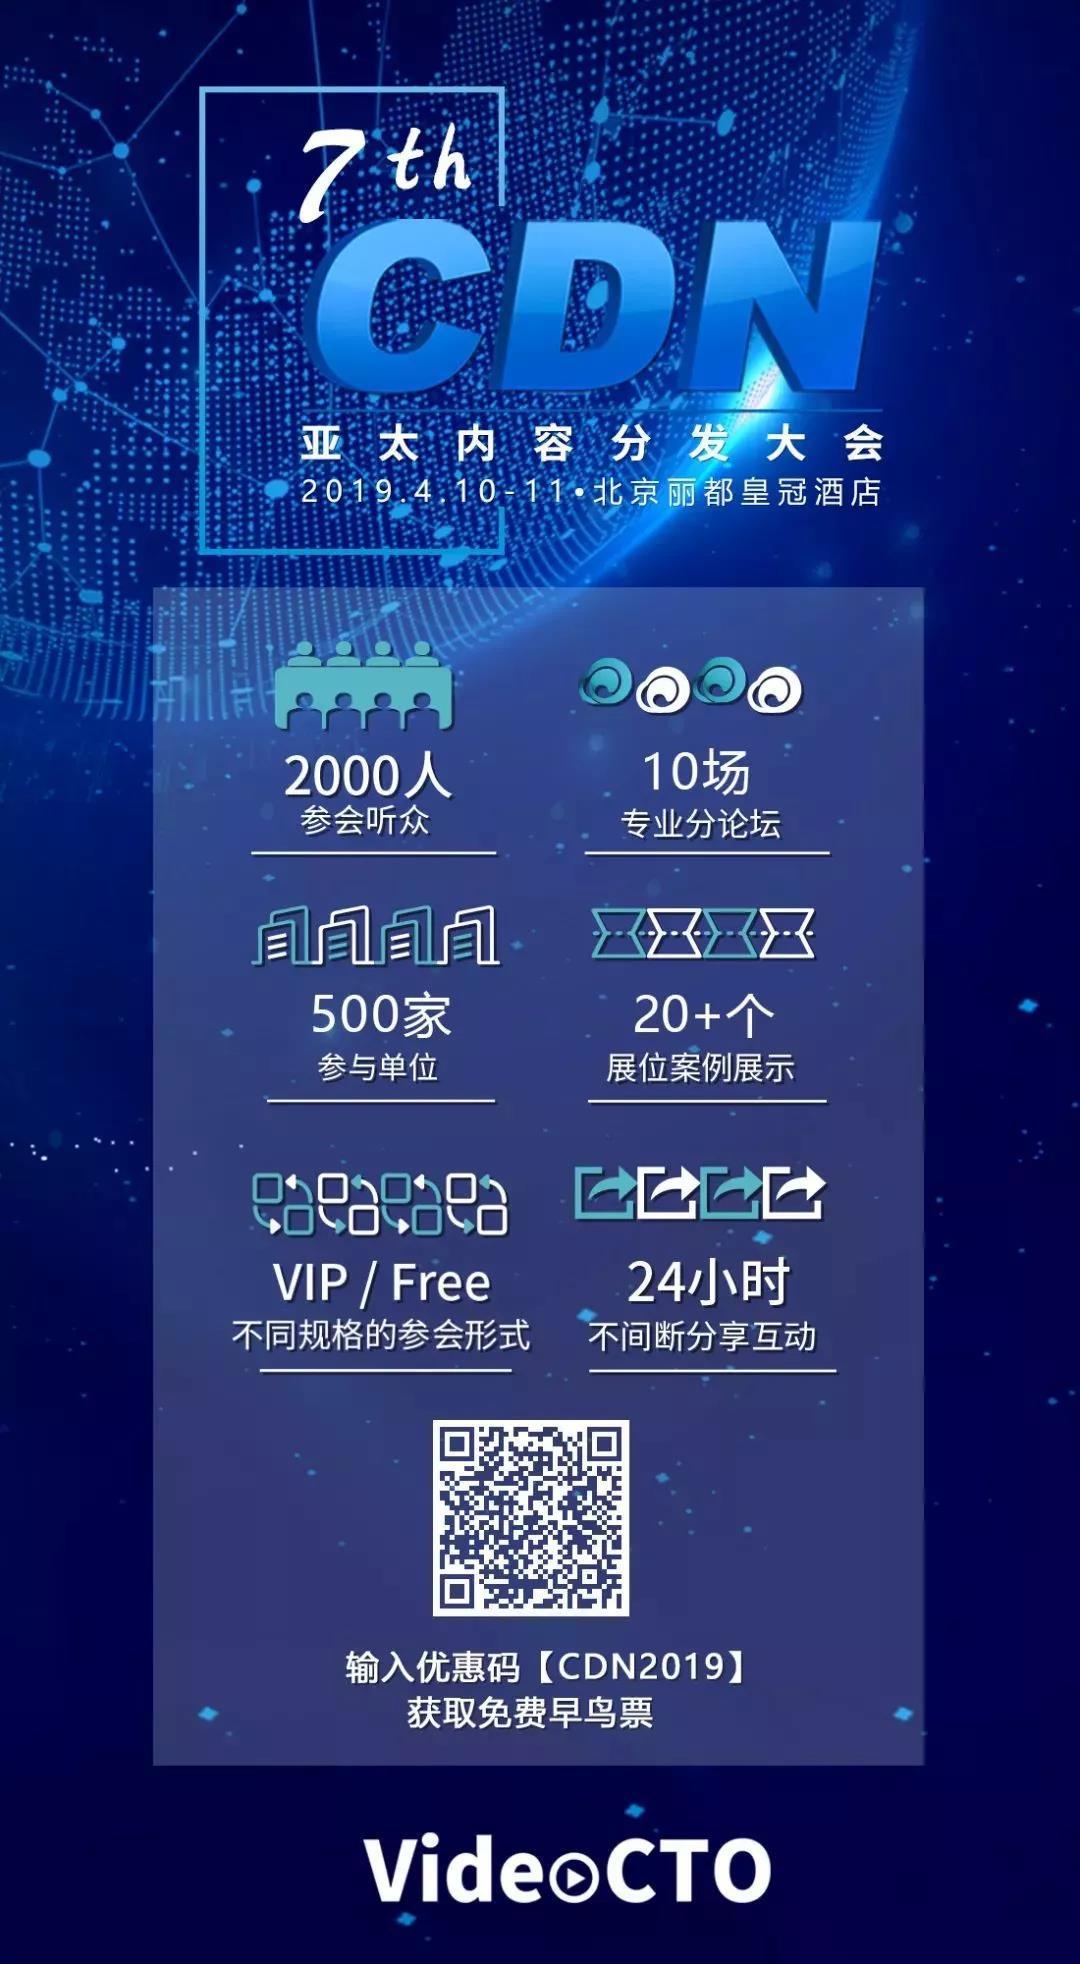 大朋VR获数千万<font color=